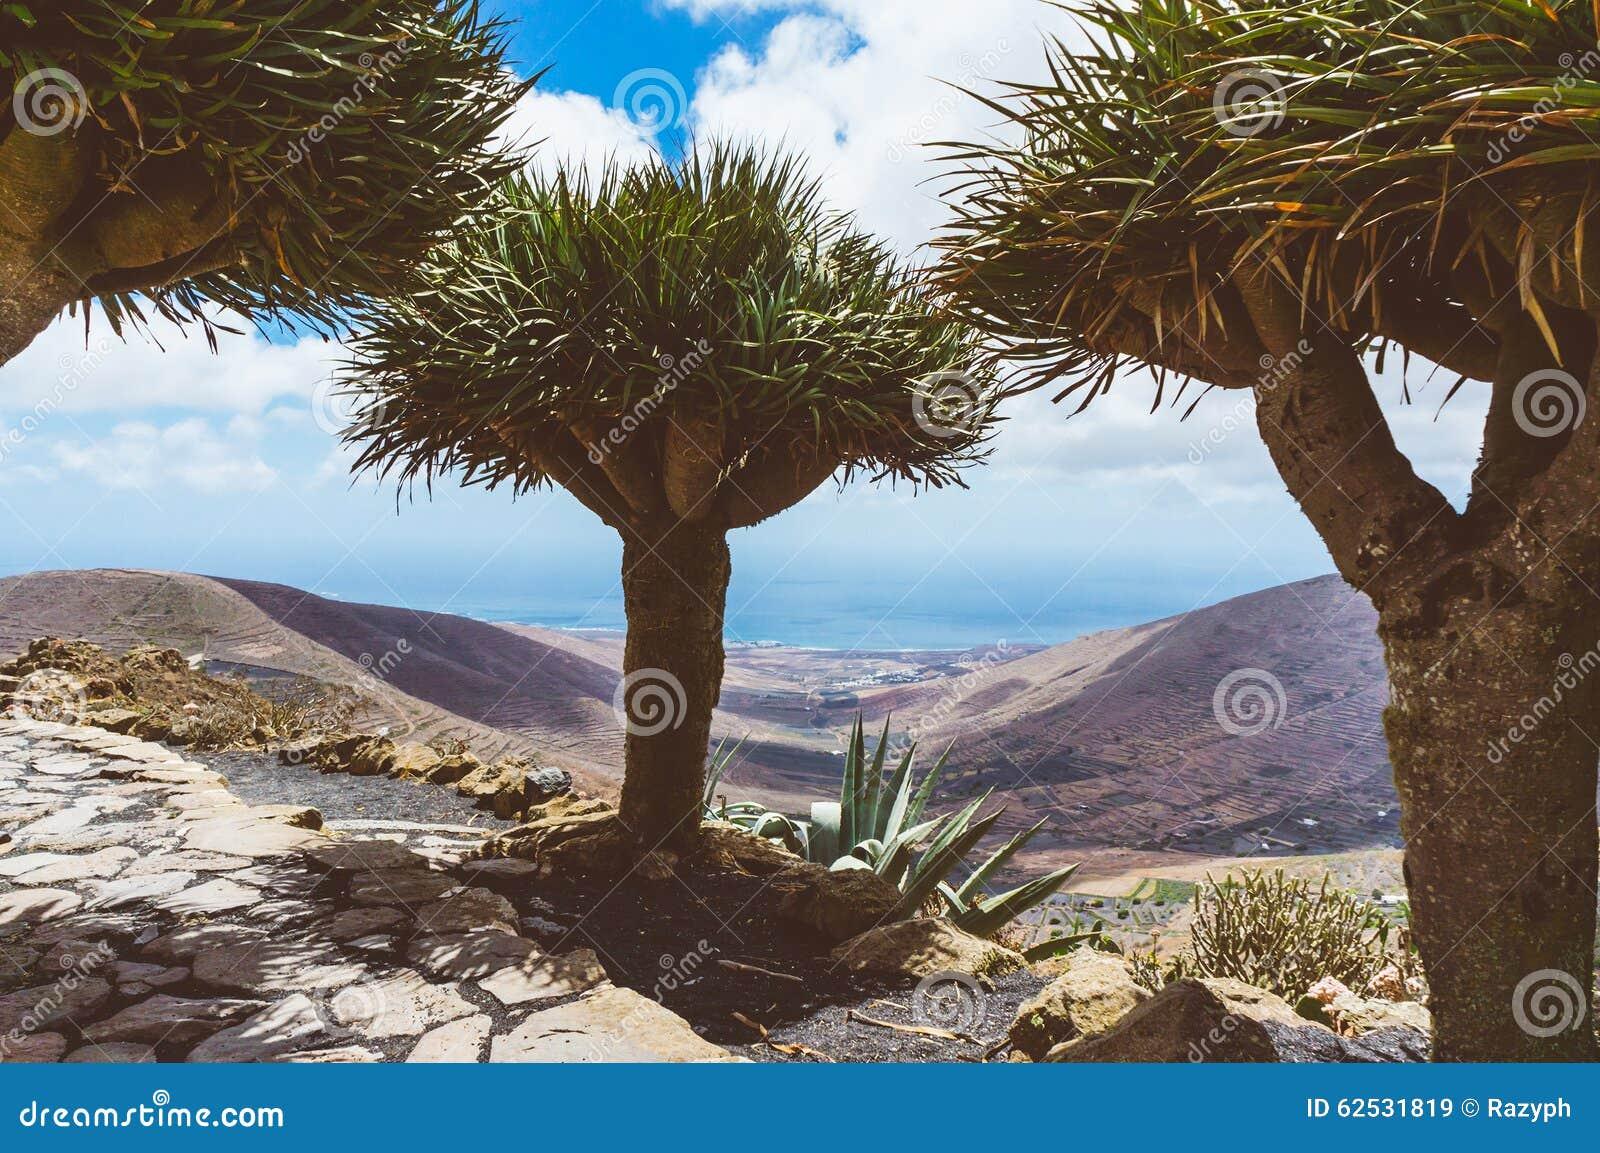 龙血树(龙血树属植物)在兰萨罗特岛,西班牙山